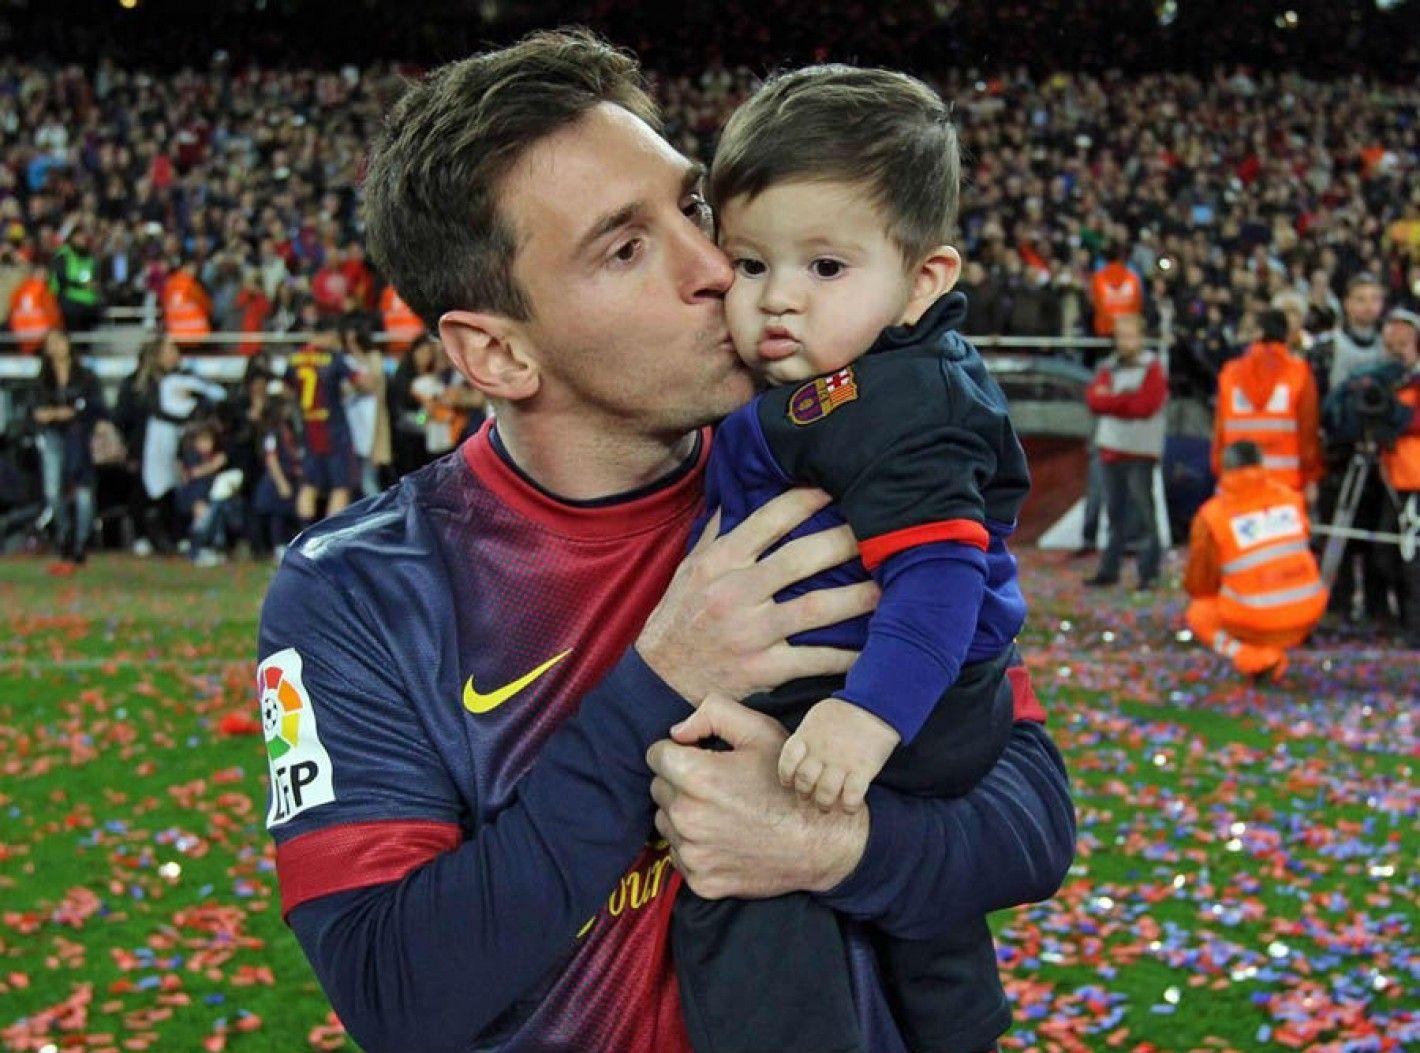 Preocupación en el fútbol mundial: a Thiago, el hijo de Messi, no le gusta jugar a la pelota